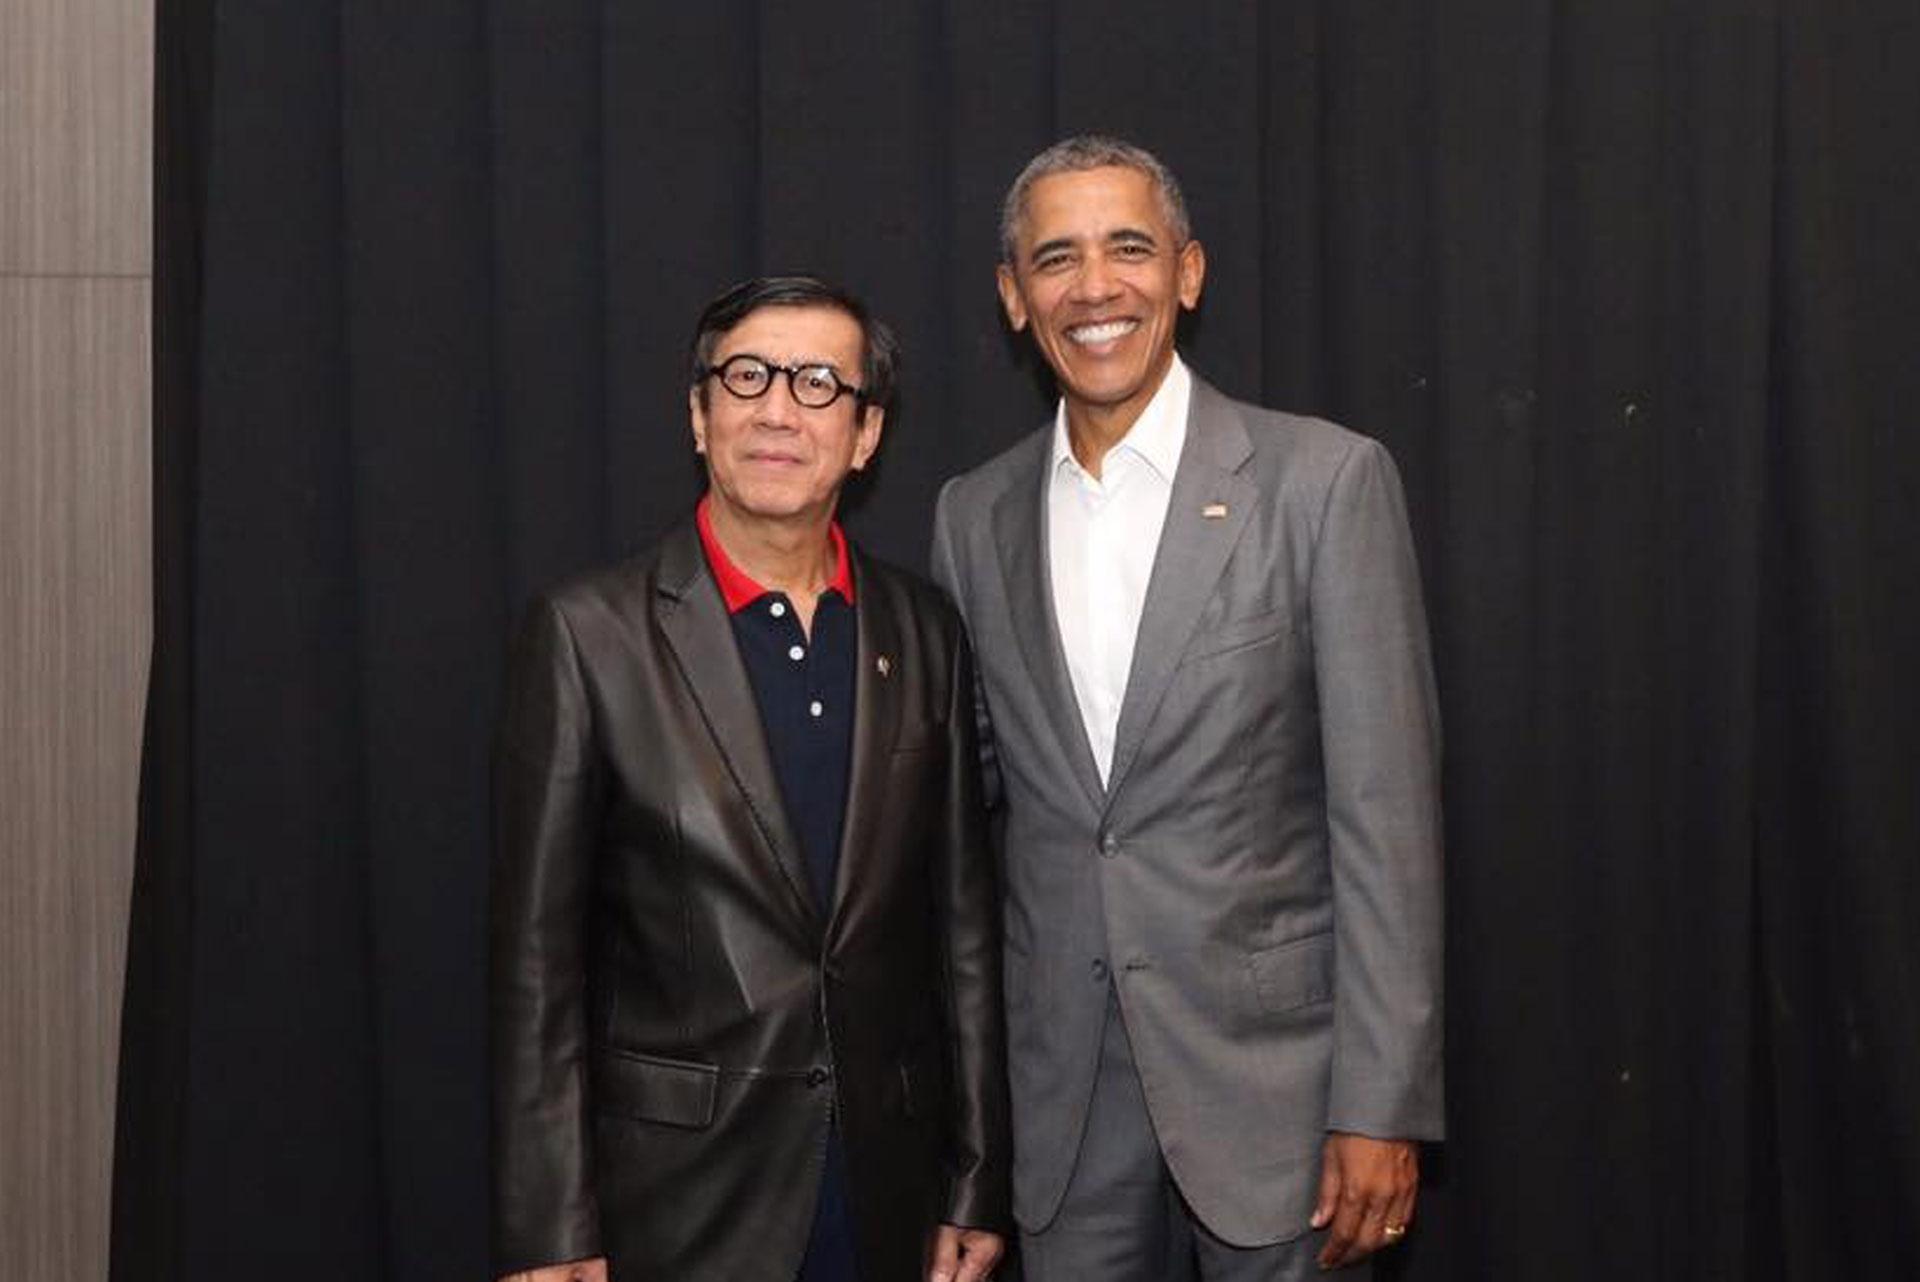 Bersama Mantan Presiden Amerika Serikat Barrack Obama